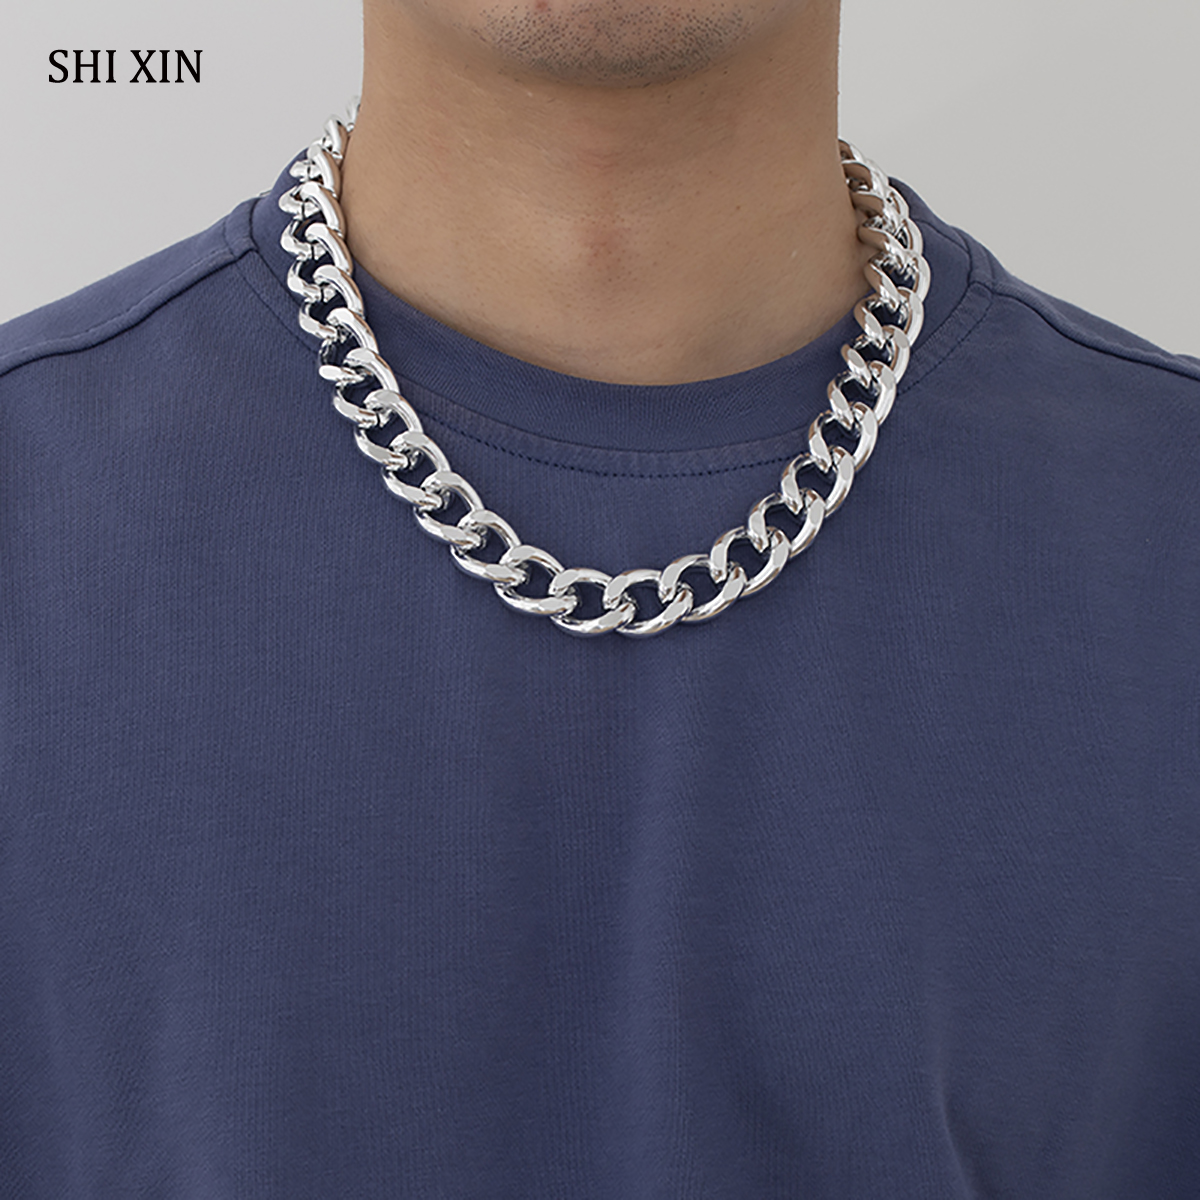 SHIXIN хип-хоп массивное короткое ожерелье на шею для мужчин/женщин мужчин Панк Egirl толстые кубинские звенья цепи ожерелья на шею колье